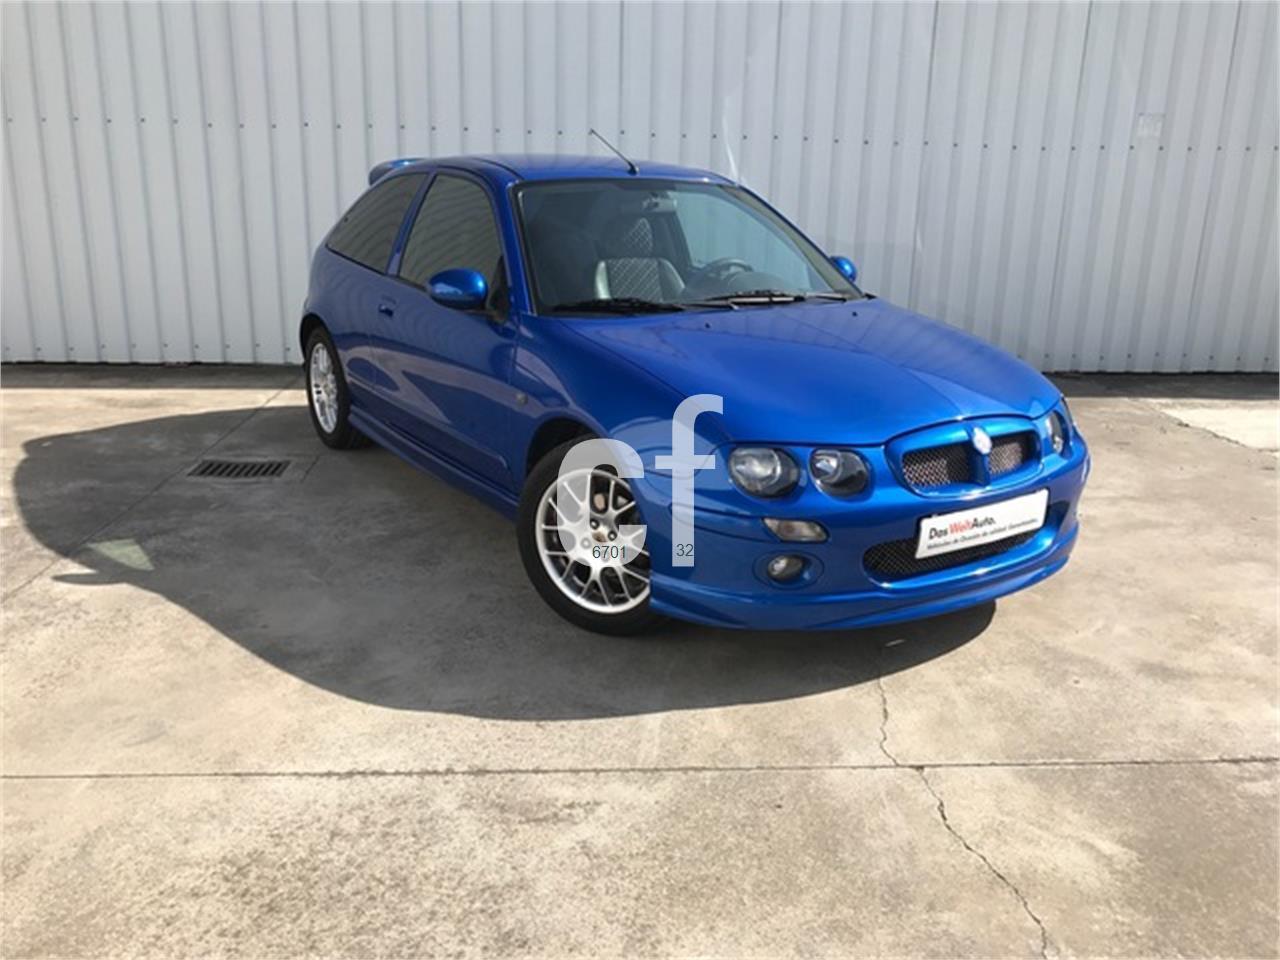 MG ZR de venta de venta por 2200